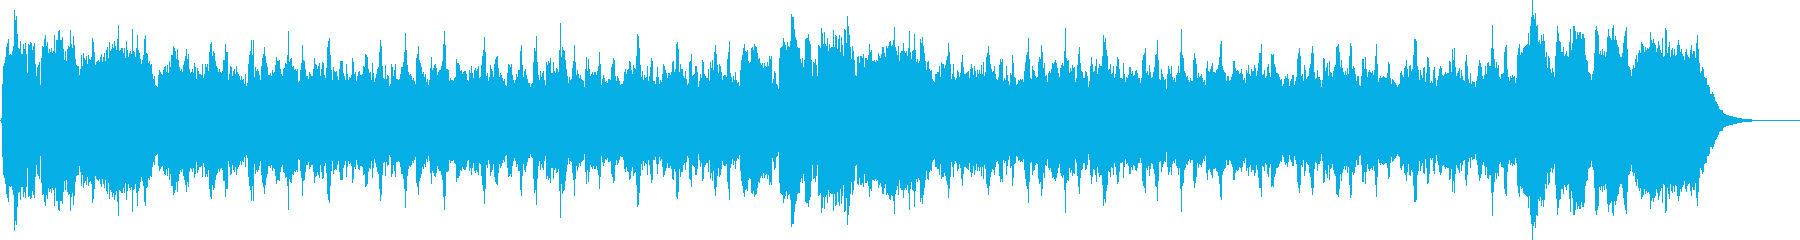 童謡こいのぼり パイプオルガンの再生済みの波形